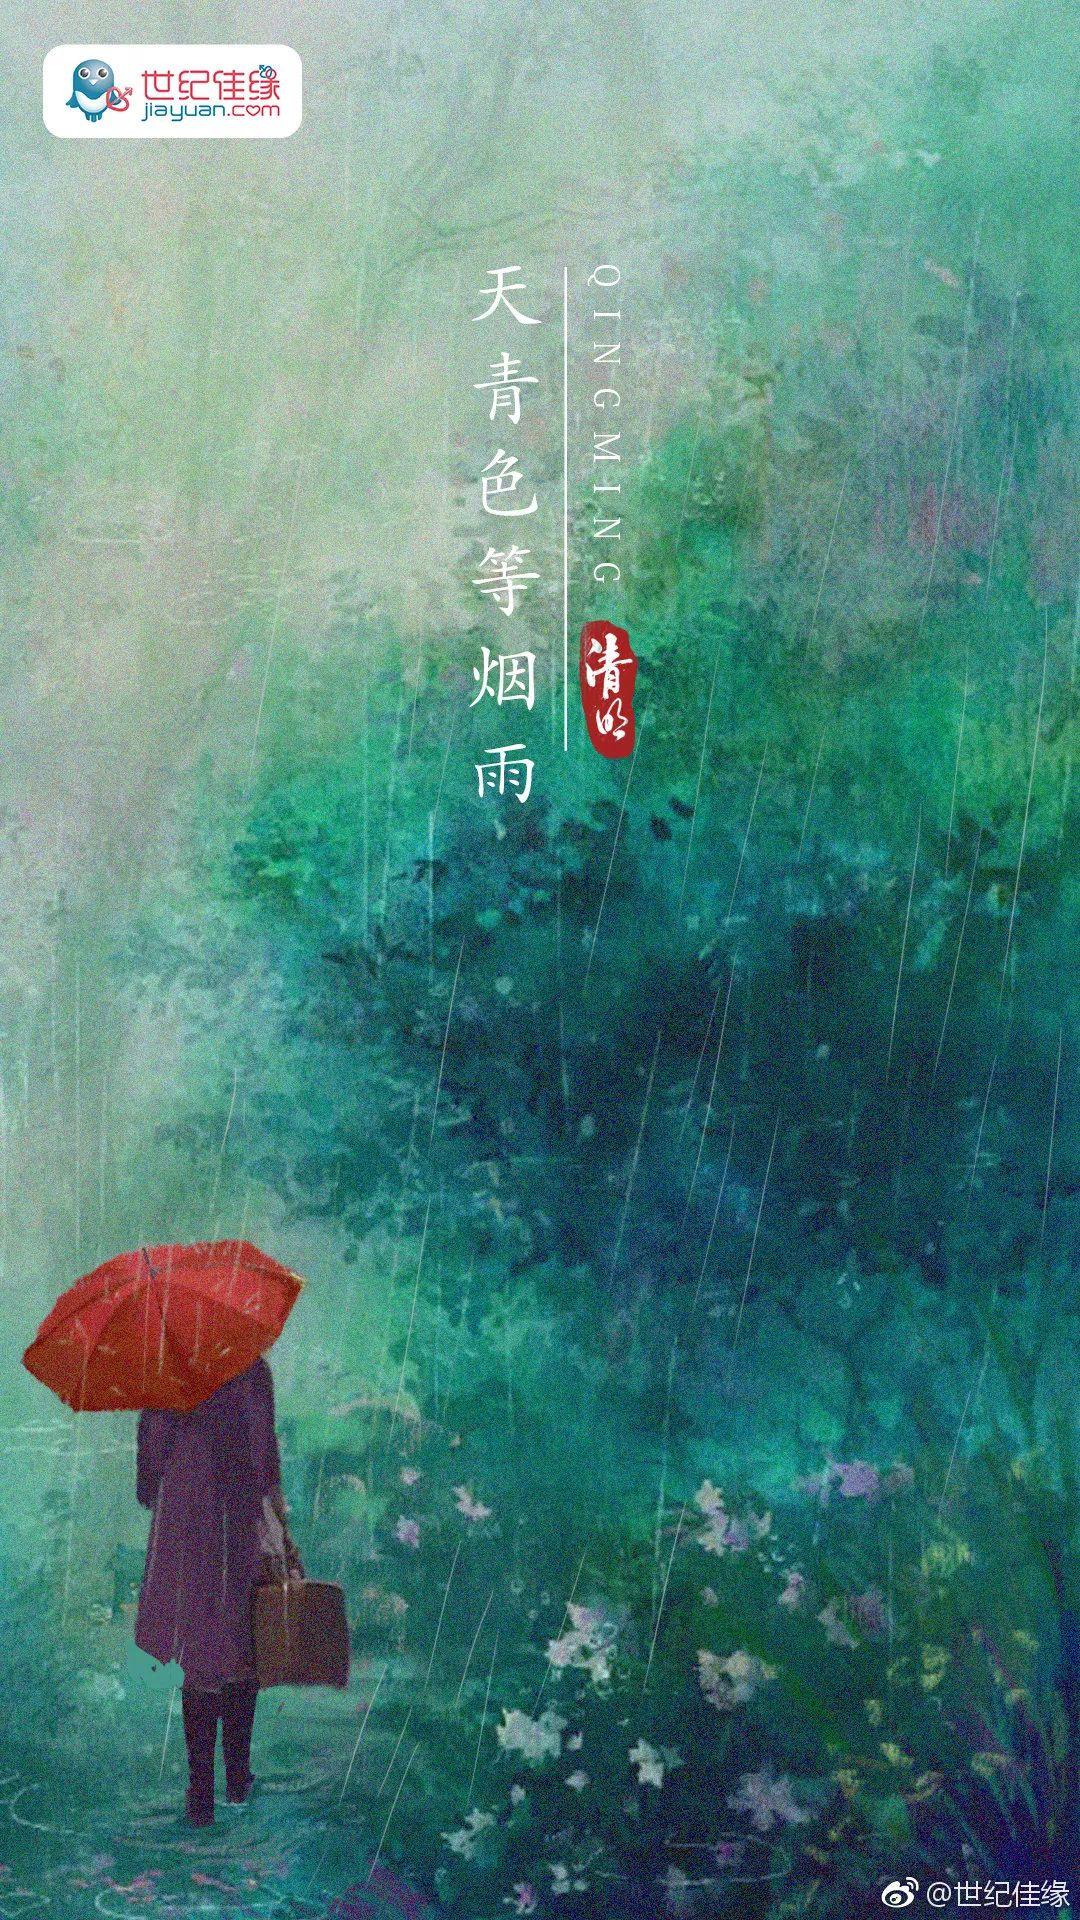 清明节海报文案: 低头追思故人,抬头迈向春天!插图36